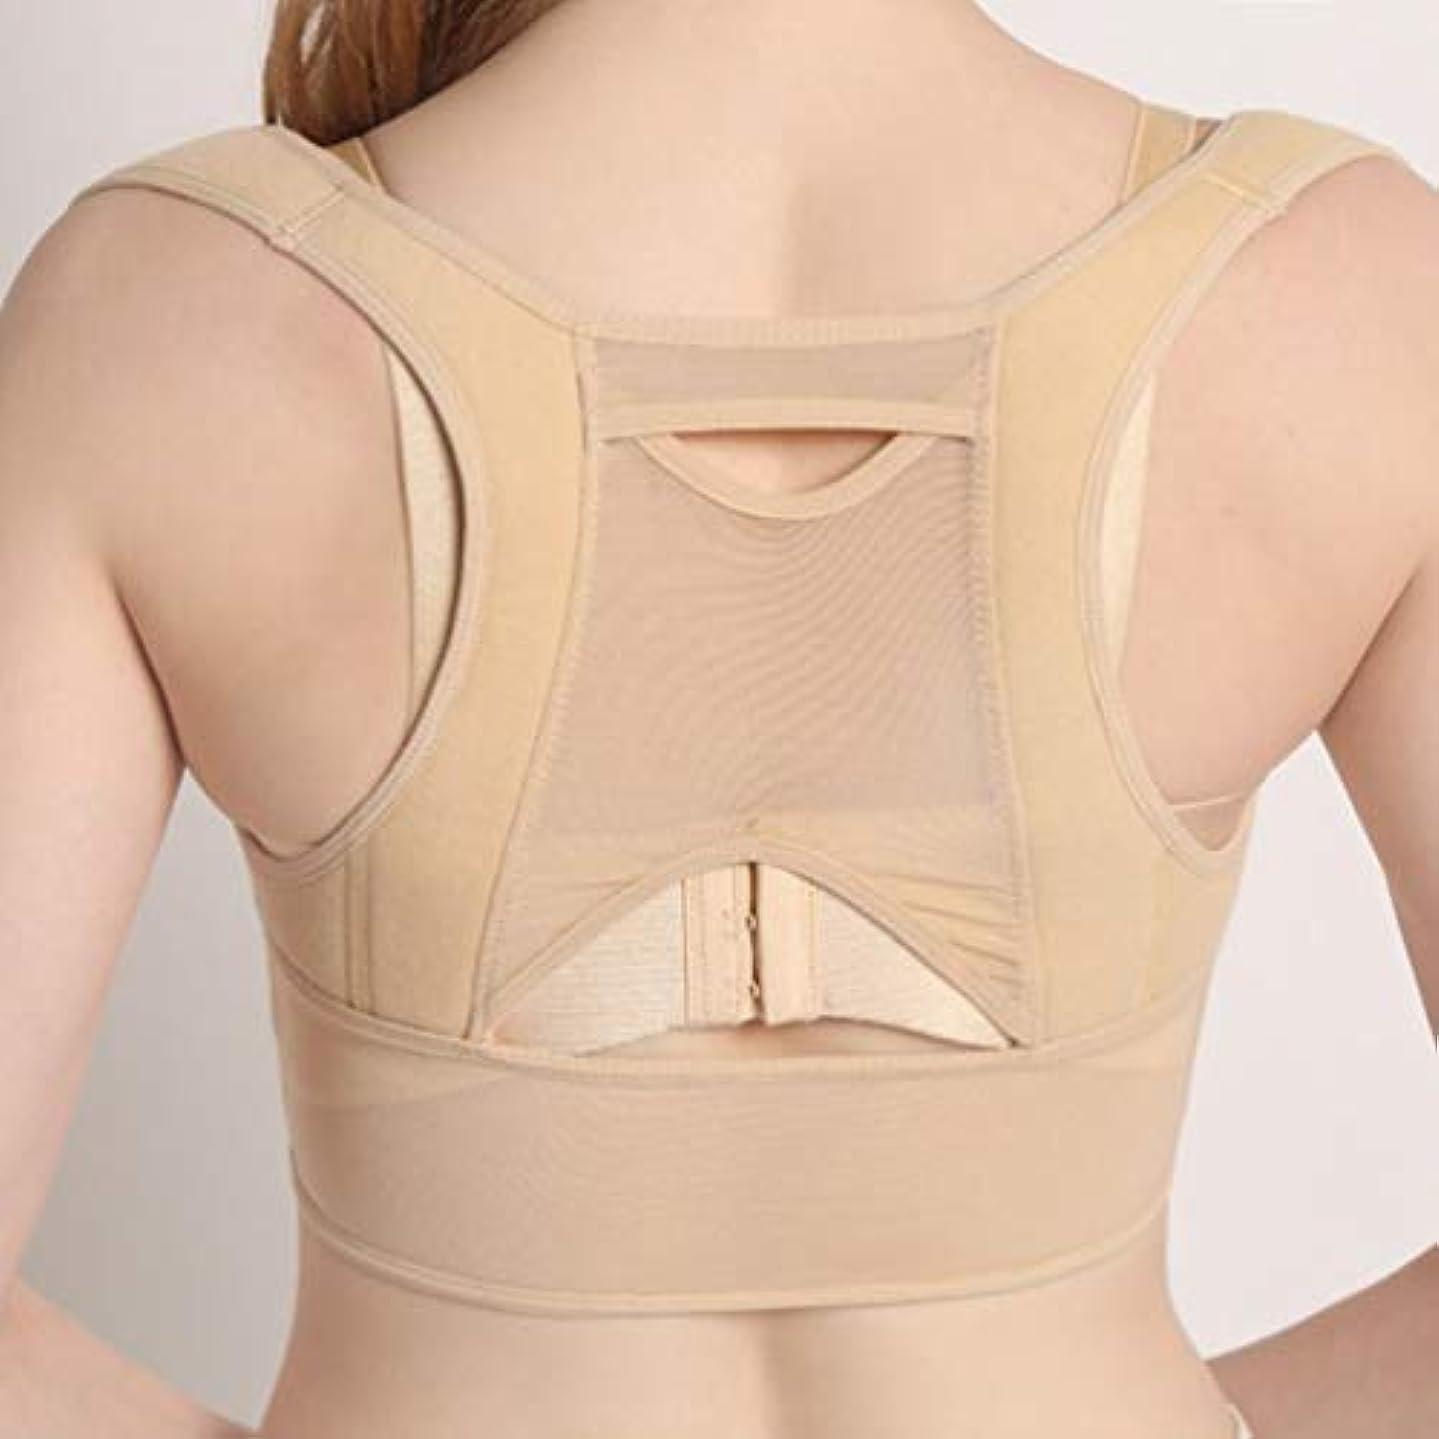 記念品ロバ毛細血管通気性のある女性の背中の姿勢矯正コルセット整形外科の肩の背骨の姿勢矯正腰椎サポート - ベージュホワイトM